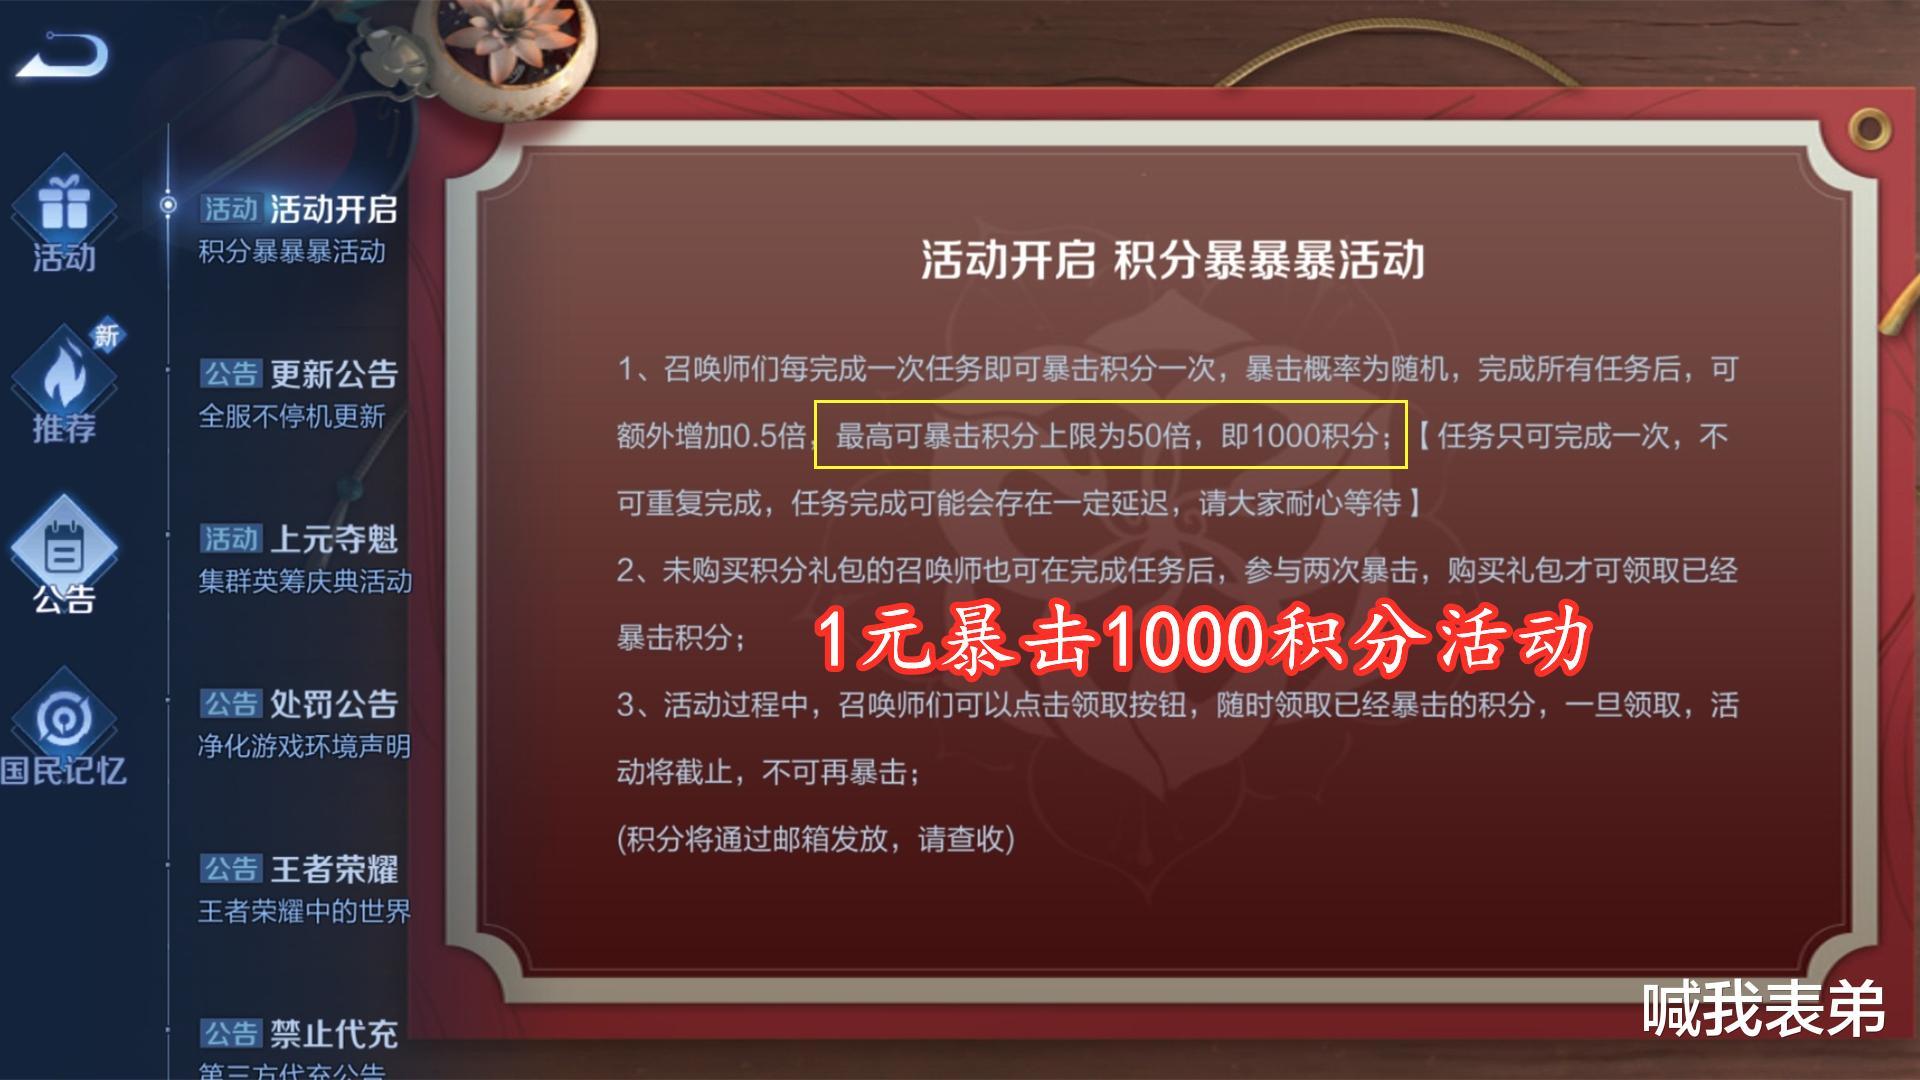 榮耀典藏開啟預熱,1元1000積分活動來襲,李白無雙擊敗特效曝光-圖5